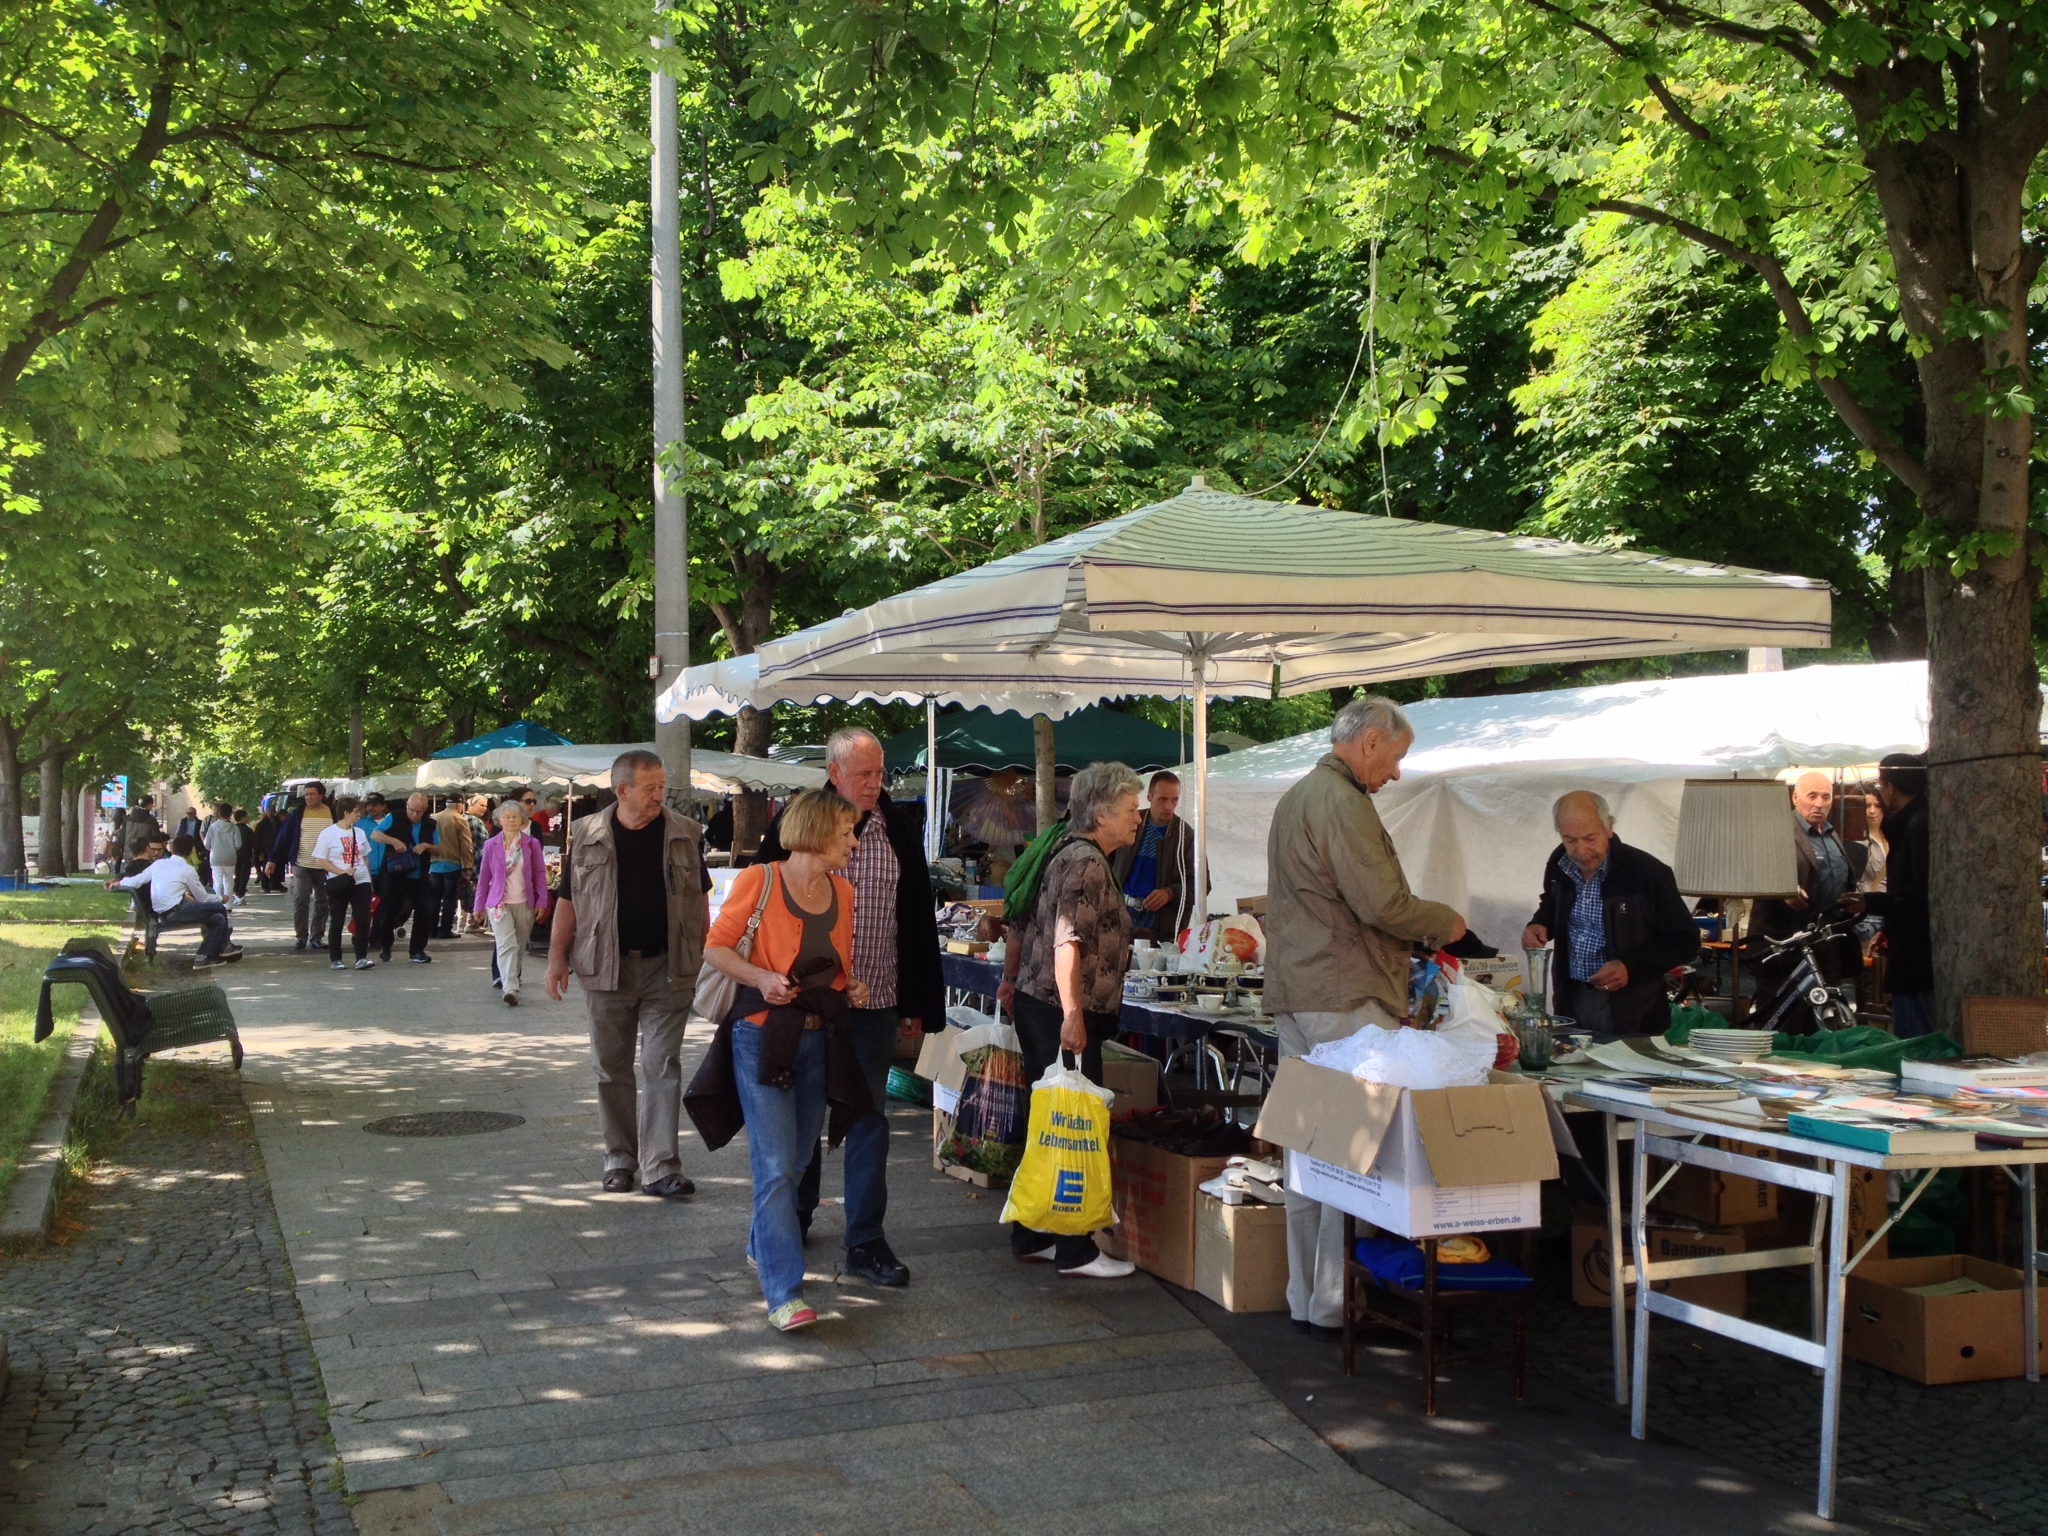 The Saturday antiques market in Karlsplatz